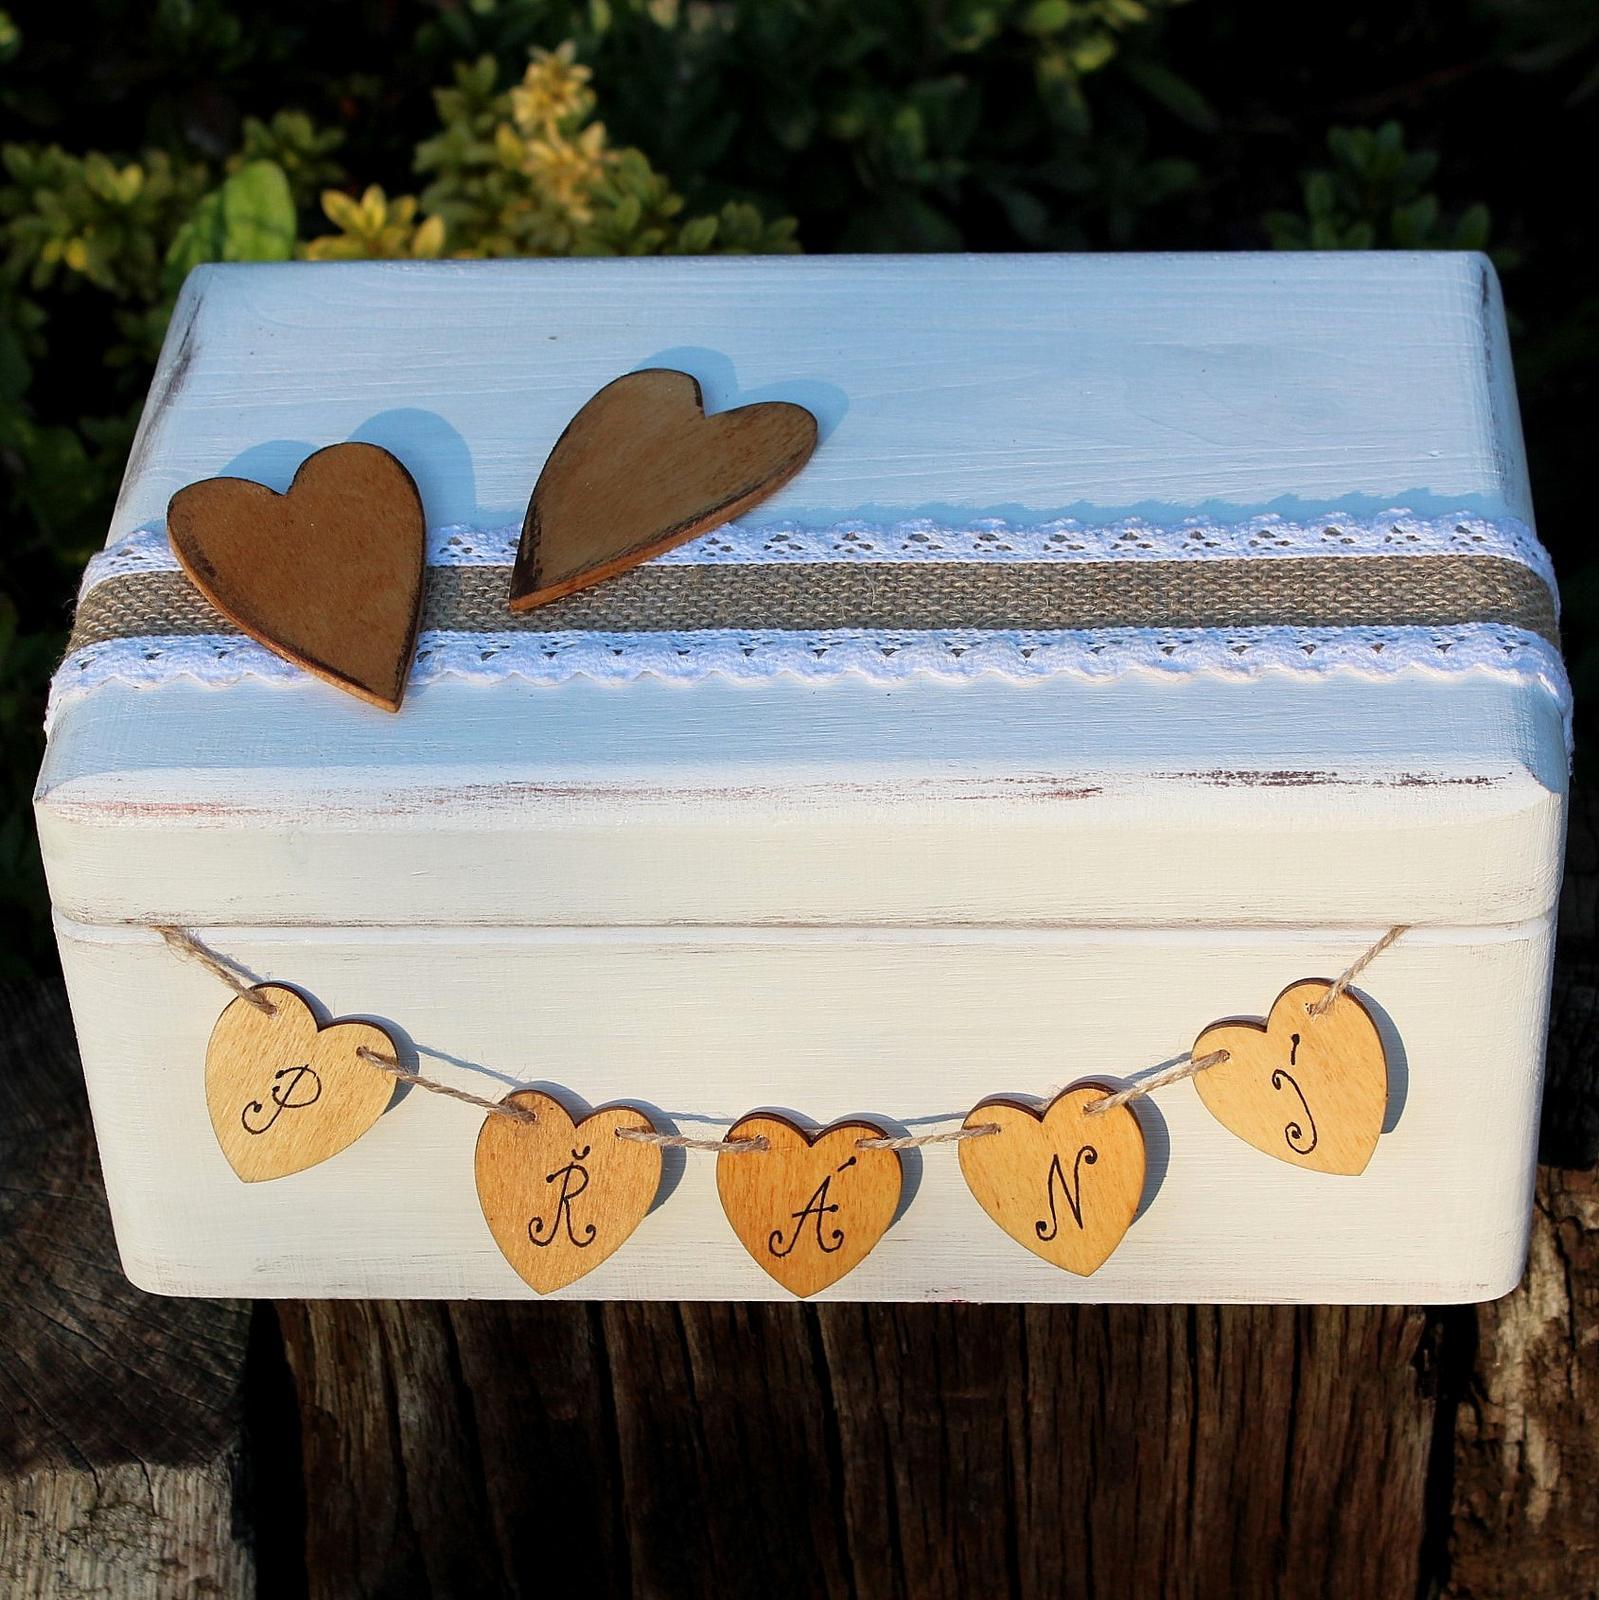 Dřevěná krabička na SVATEBNÍ PŘÁNÍ sněženka - Obrázek č. 2